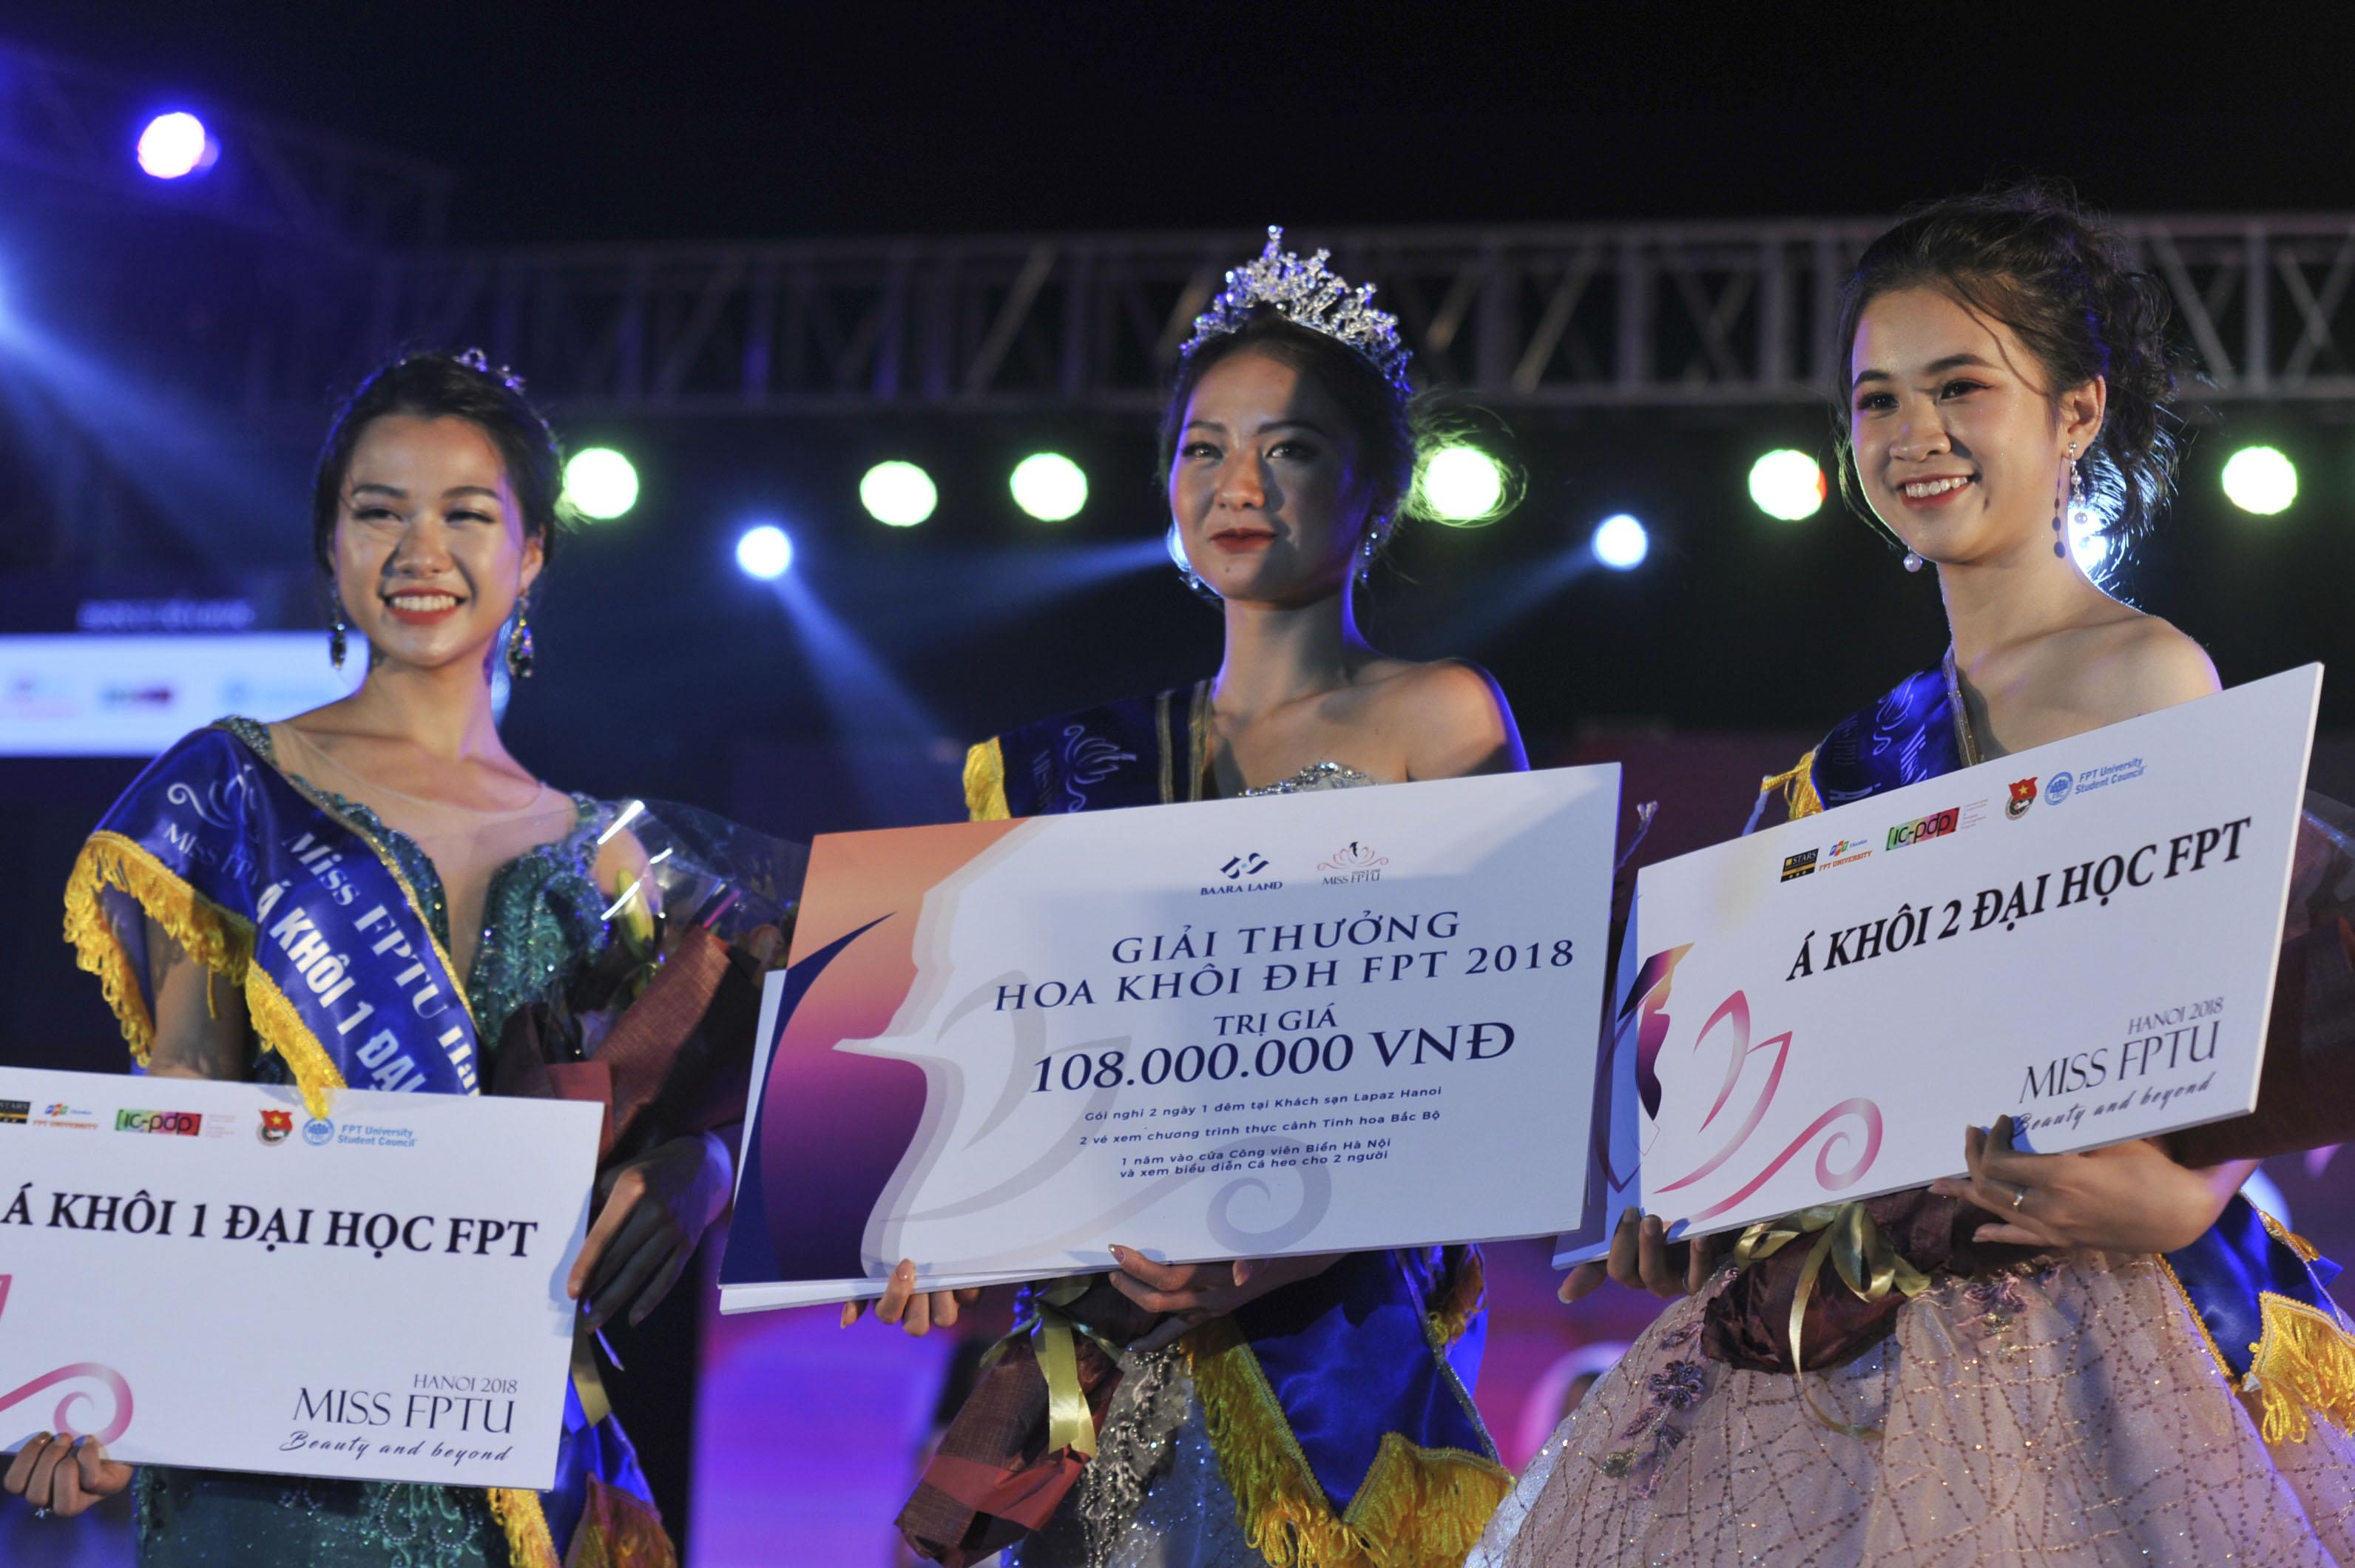 Sau 2 tháng phát động, cuộc thi Miss FPTU Hanoi 2018 đã đi đến chặng cuối cùng trong chuỗi hành trình tìm ra gương mặt nổi bật và tài năng nhất. Tối 2/12, tại bãi biển nhân tạo Baara Land (Quốc Oai, Hà Nội), với phần thể hiện xuất sắc trong đêm chung kết, thí sinh Nguyễn Bảo Ngọc (008) chính thức đăng quang ngôi vị hoa khôi Đại học FPT vô cùng xứng đáng.